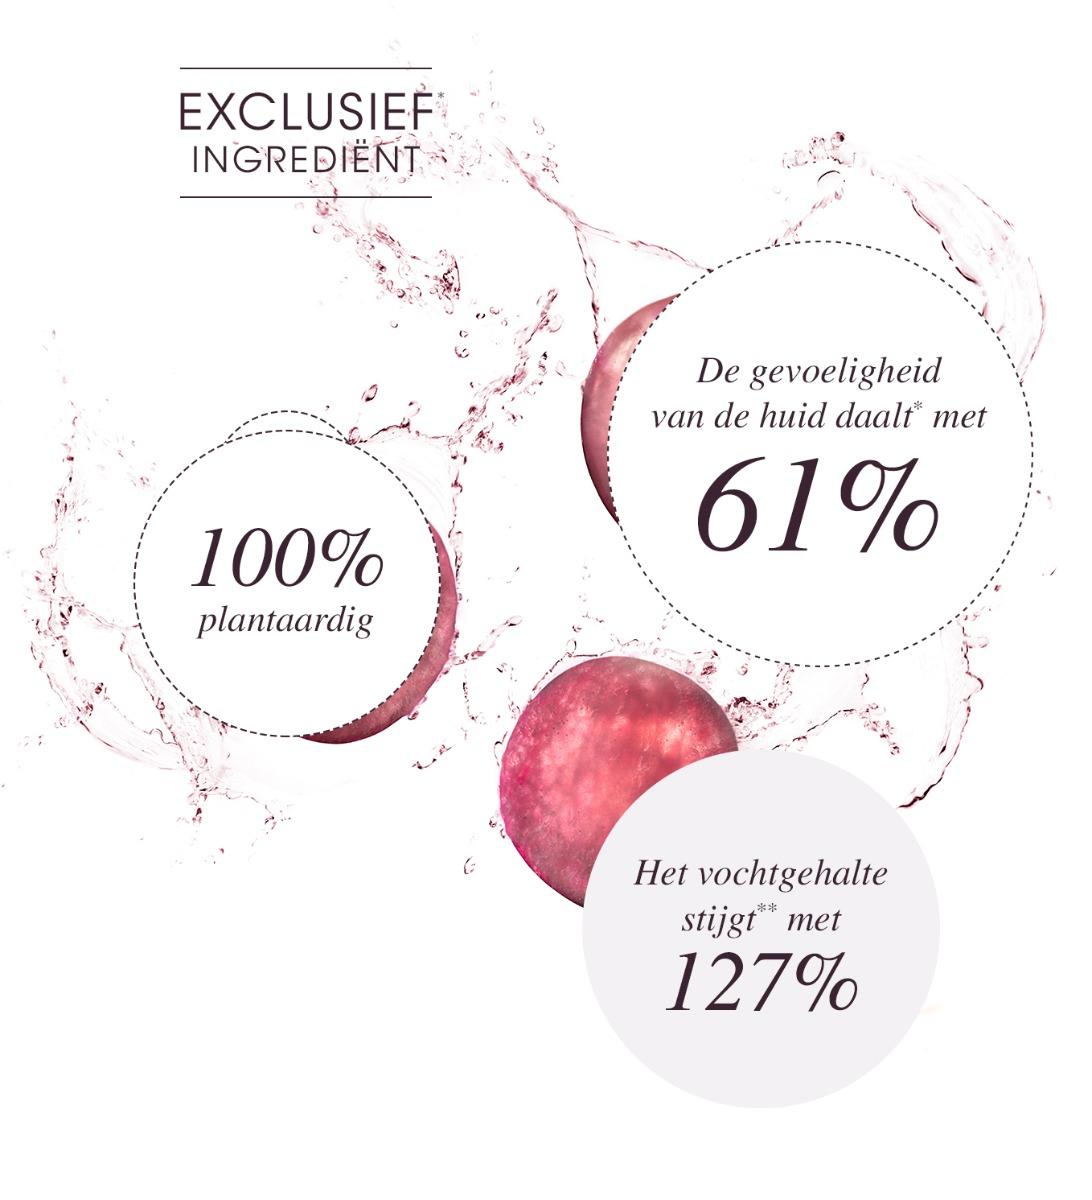 Druivenwater - Bewezen efficiëntie